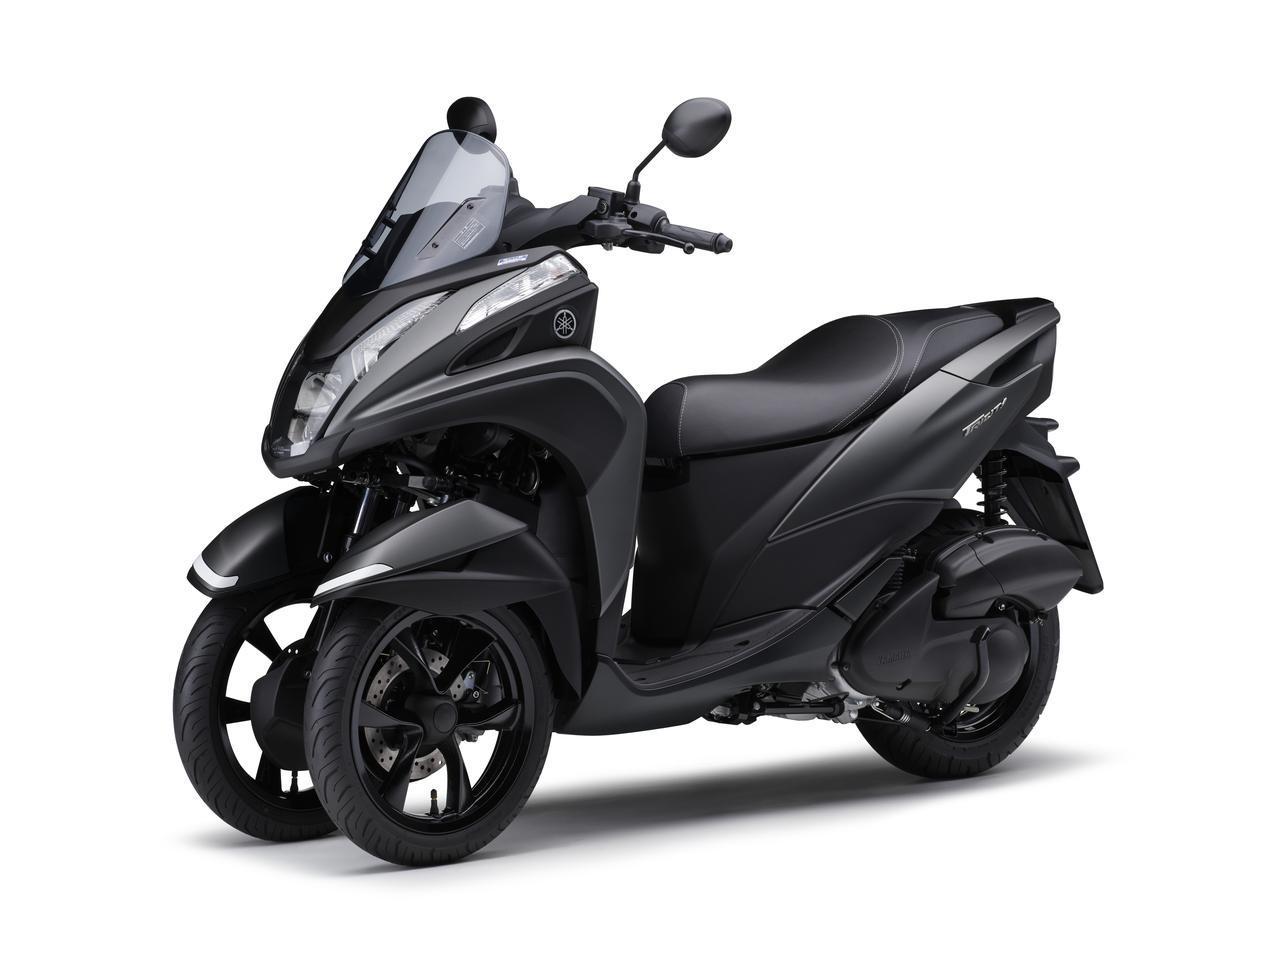 画像12: ヤマハが原付二種「トリシティ125」の2021年モデルを発売! 鮮明な新色〈イエロー〉が登場